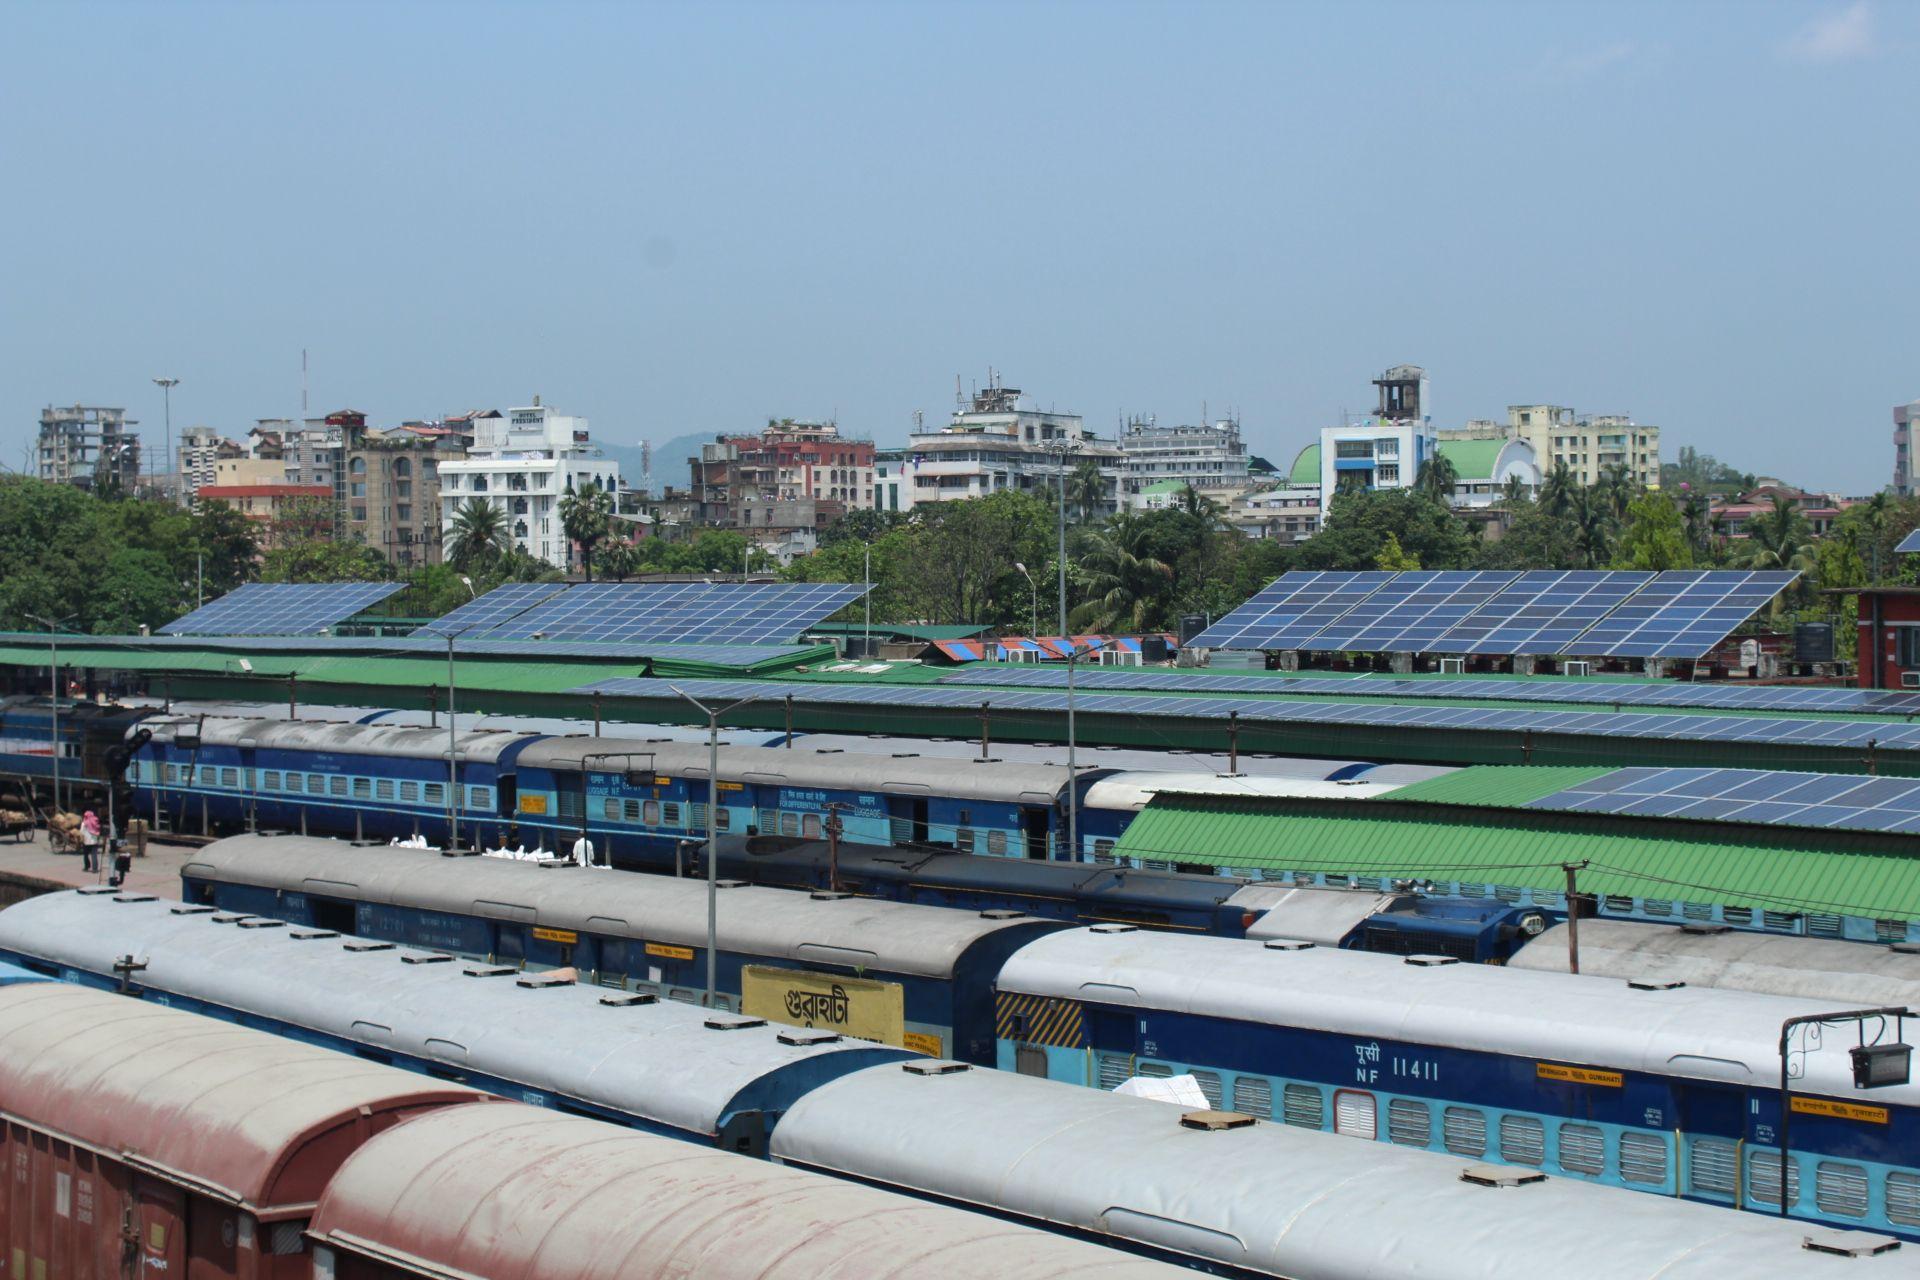 Индия переводит ж/д на солнечную энергию